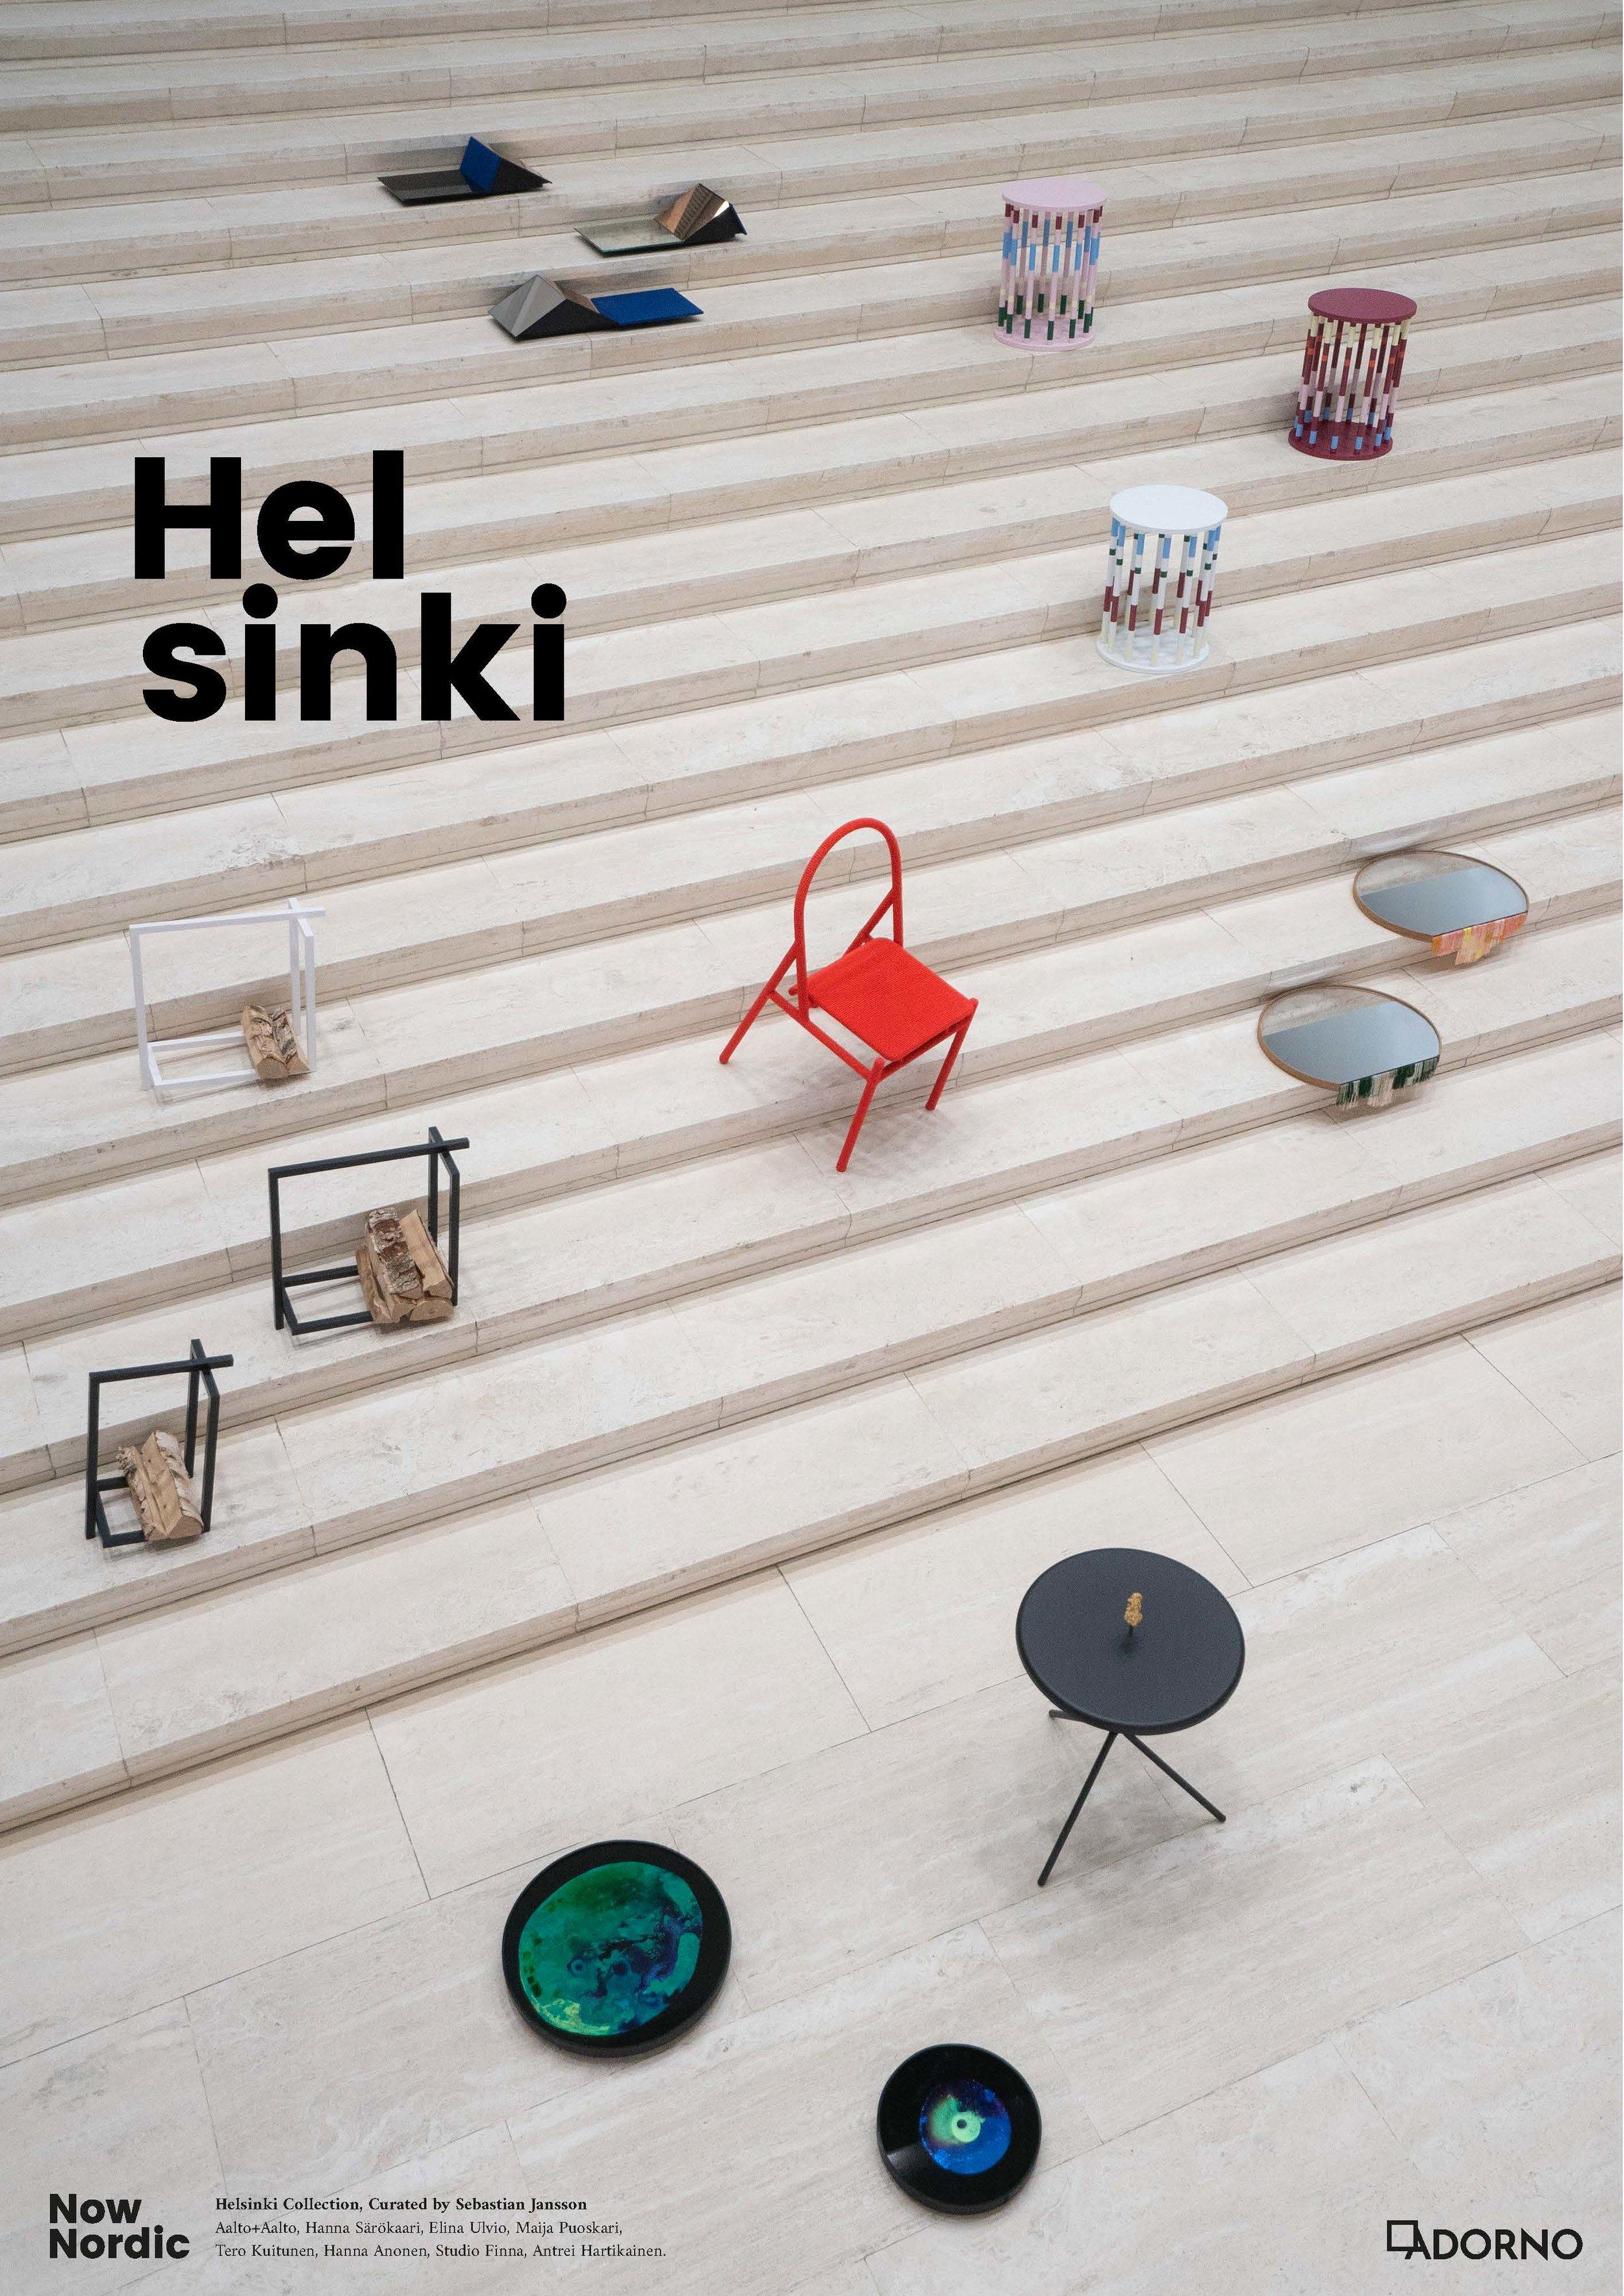 nownordic-helsinki (1_pdf.jpg